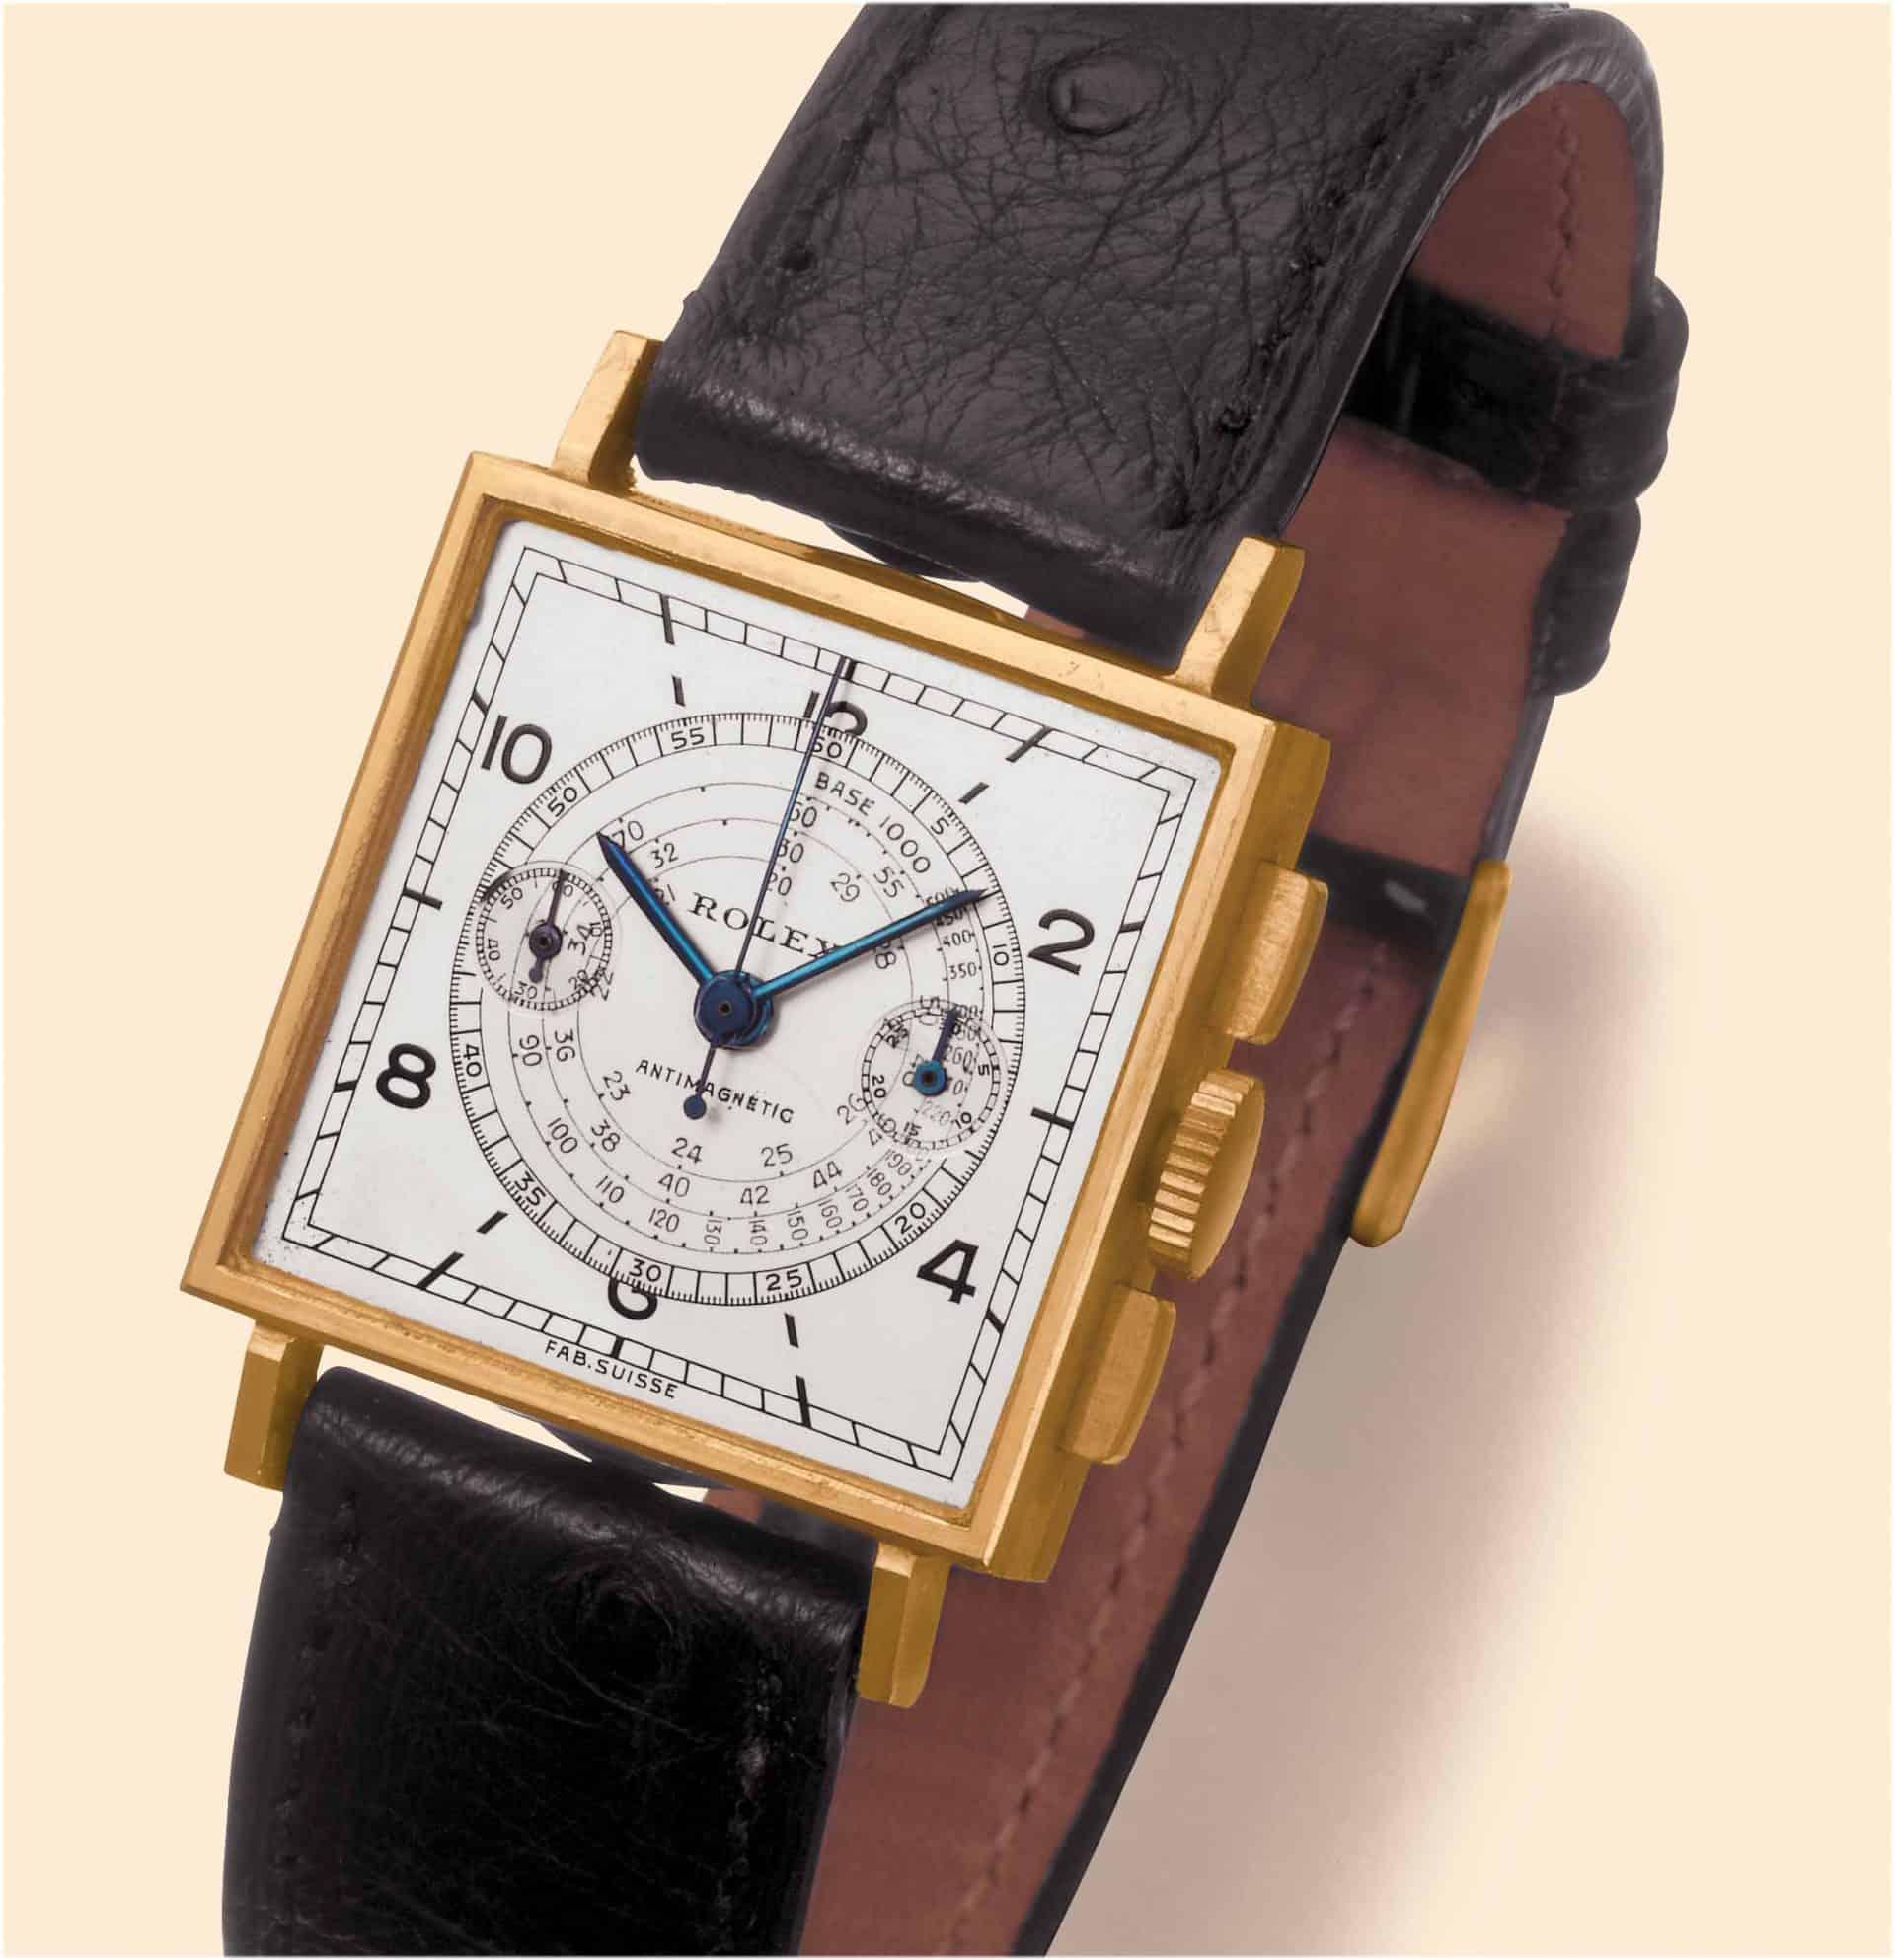 Rolex Chronograph, Referenz 3529, mit dem kleinen Handaufzugskaliber Valjoux 69. Auch bei Damen beliebt.